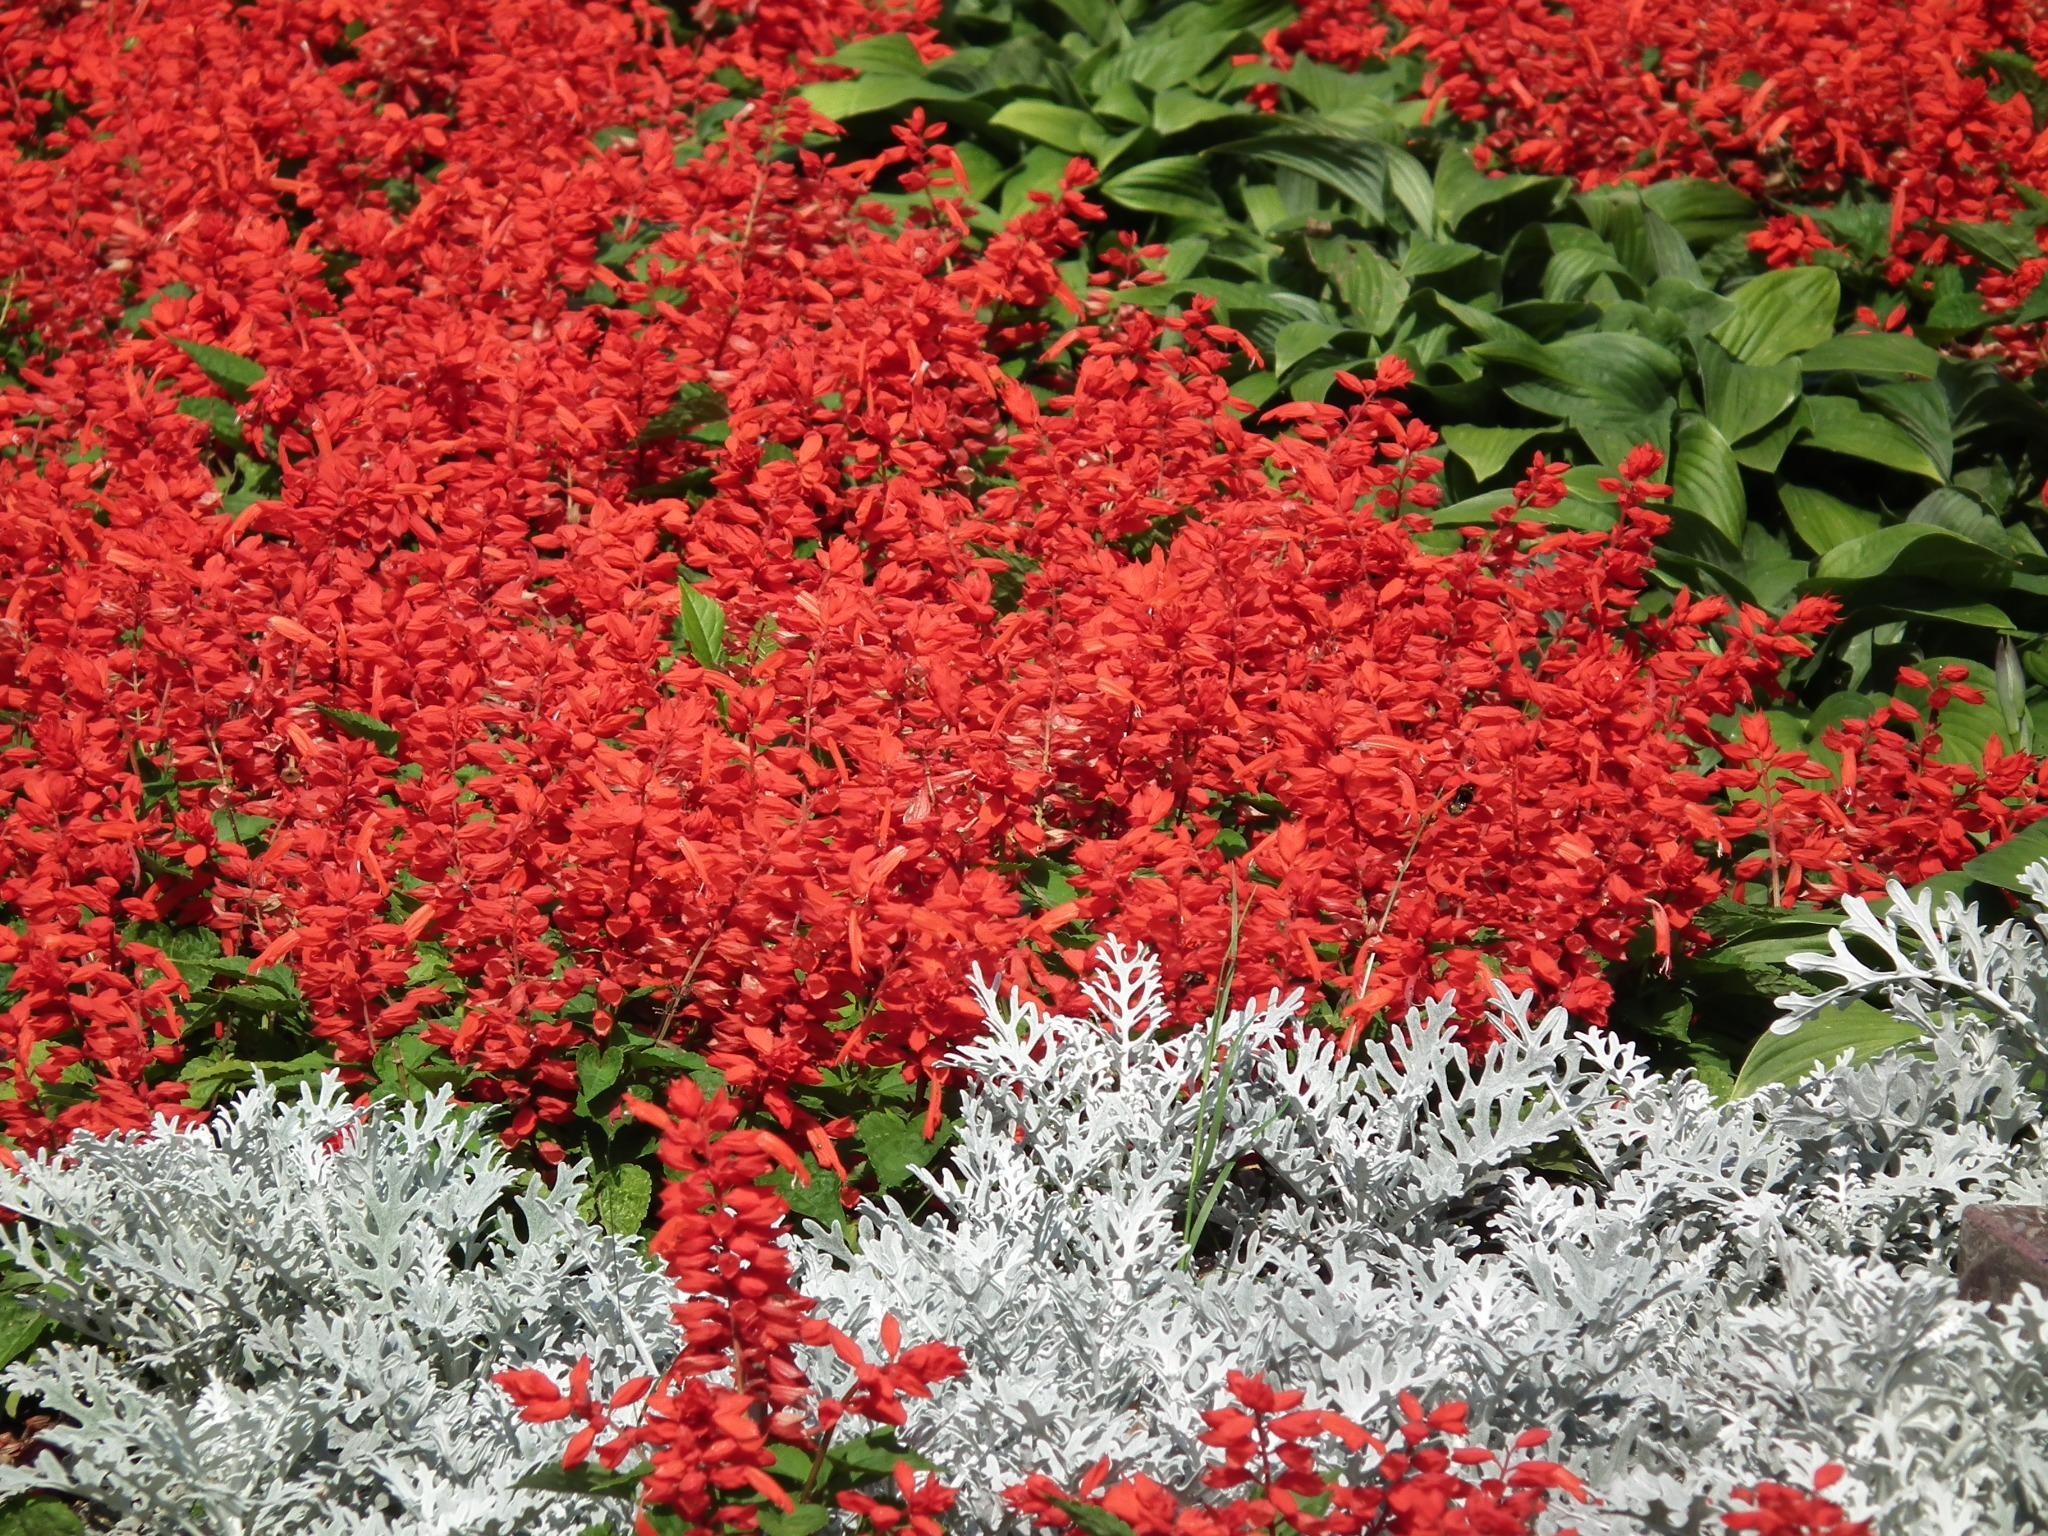 Images gratuites arbre la nature feuille fleur floraison t printemps rouge l 39 automne - Arbuste fleur rouge printemps ...